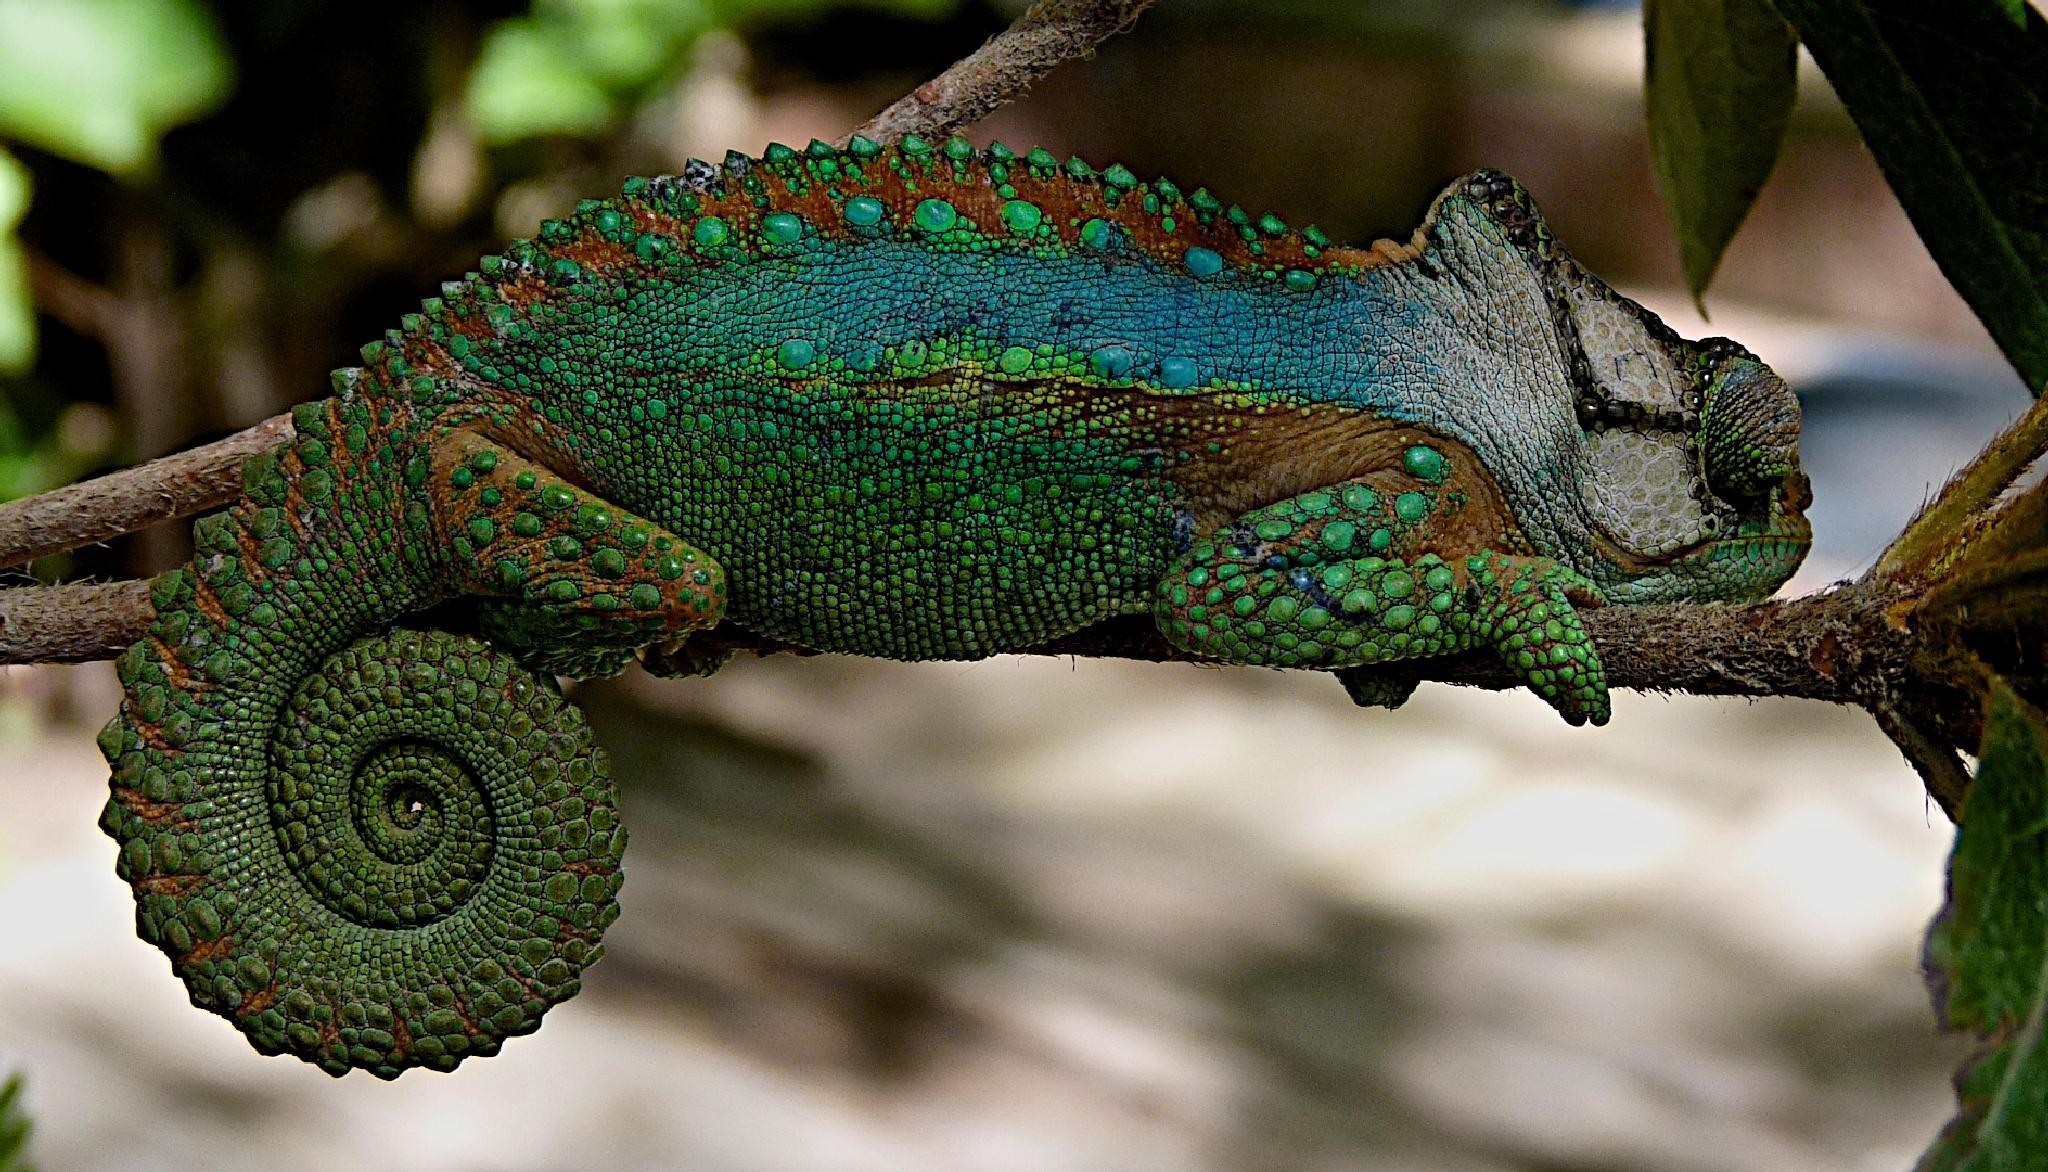 Chameleon by sandybrady